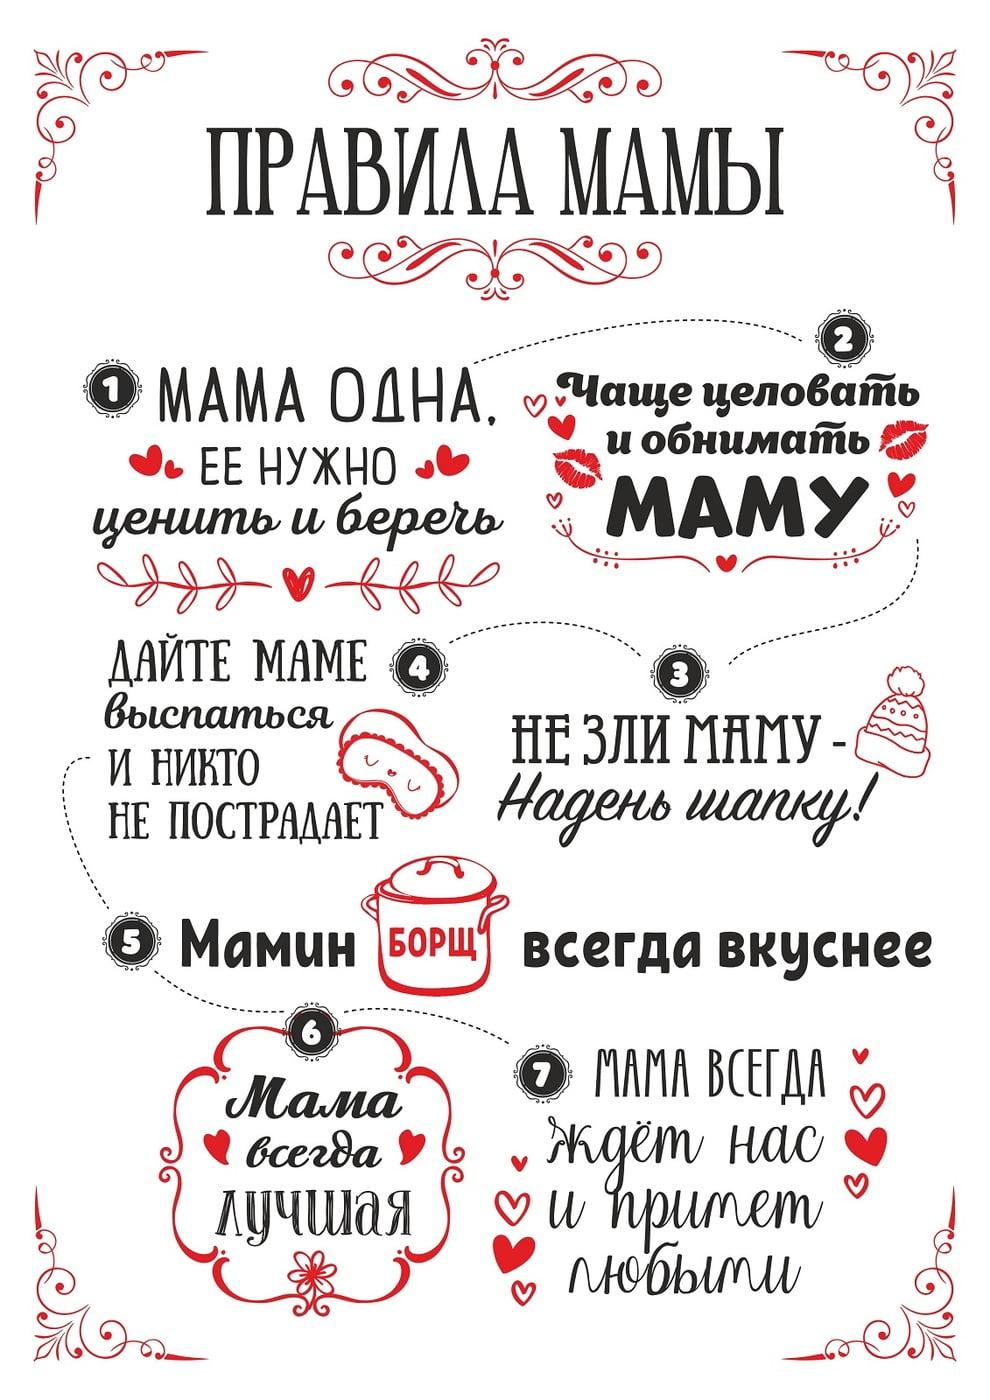 Картина Правила мамы для дома на заказ